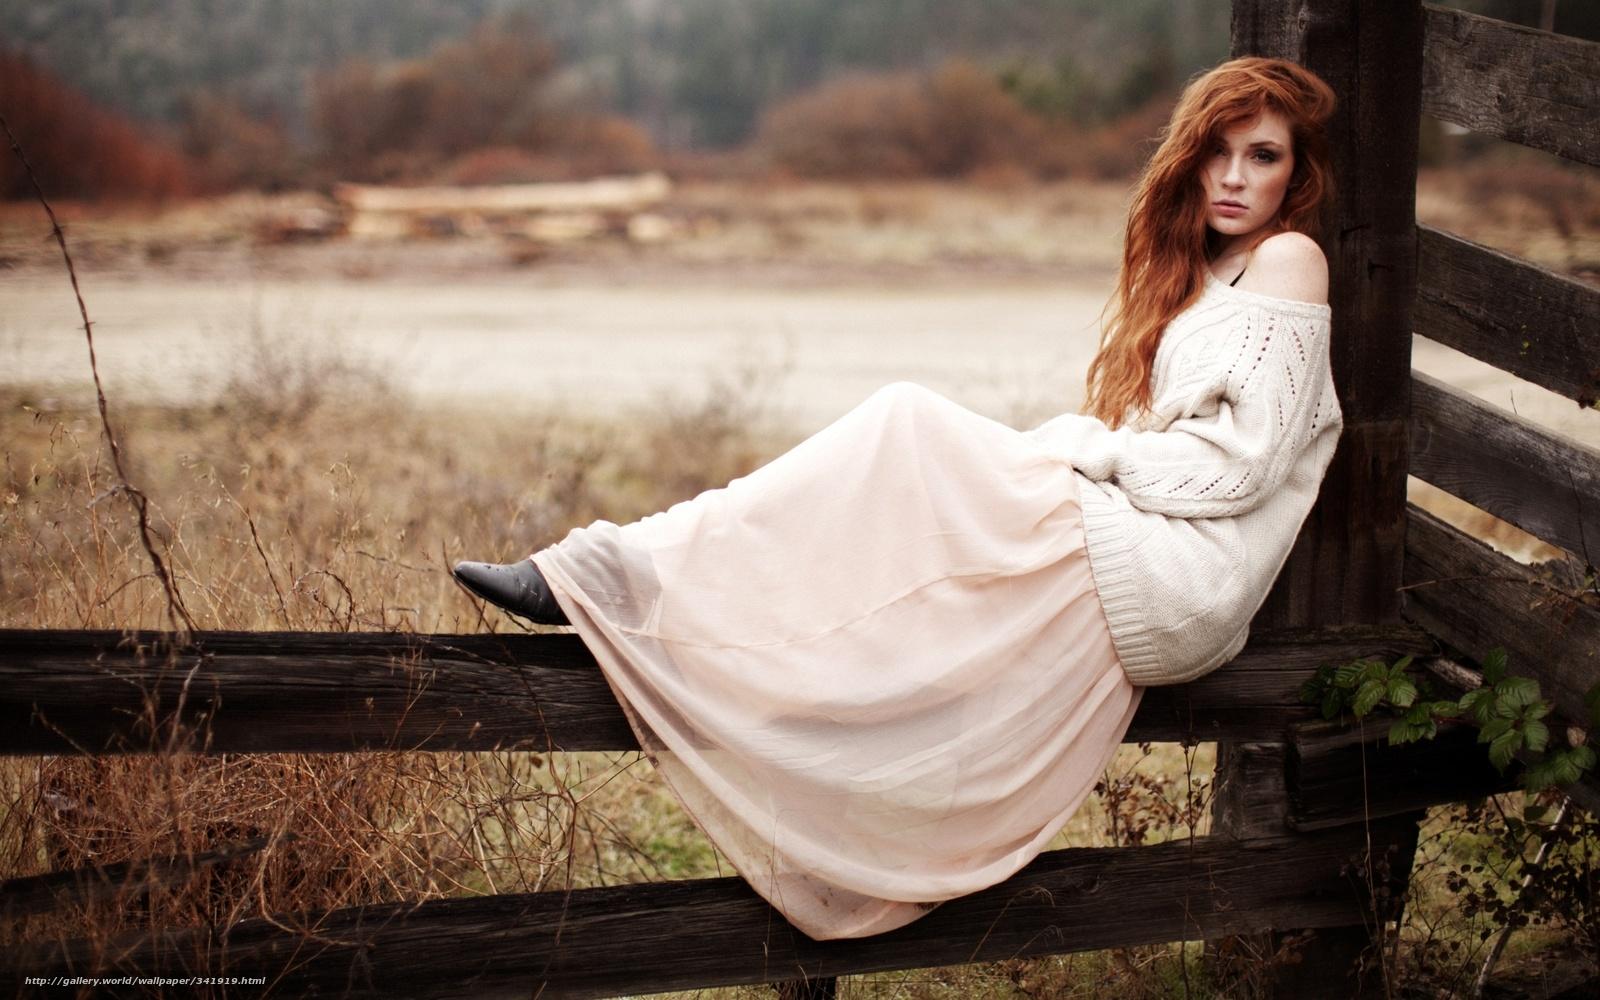 Фотки одиноких девушек красивых рыжих 3 фотография